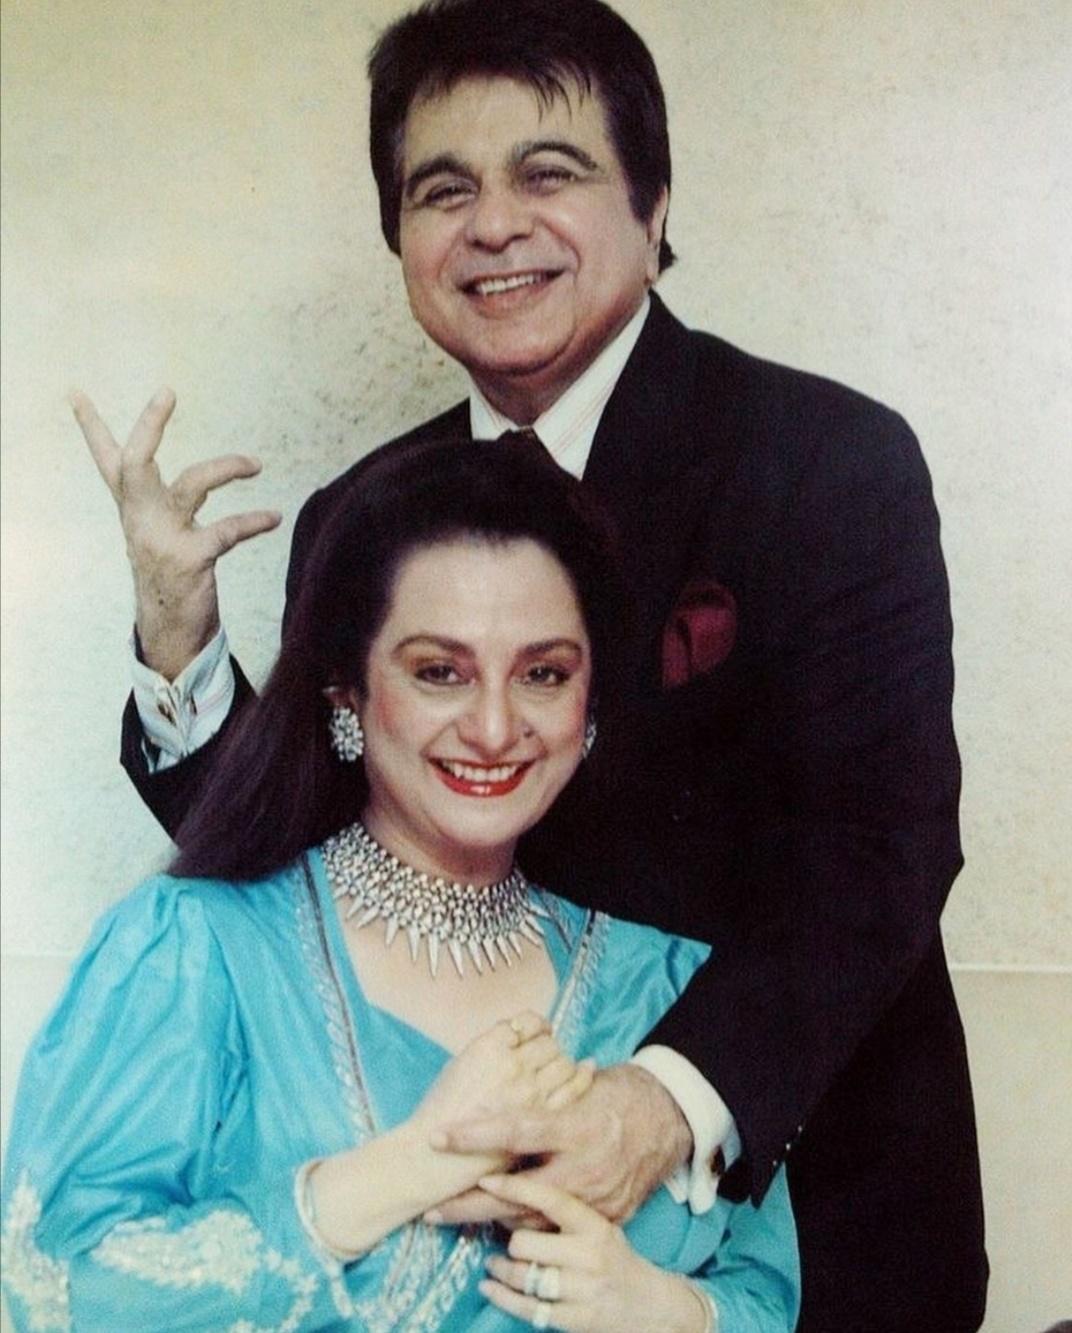 ديليب كومار وزوجته سايرا بانو- الصورة من حساب Instant Bollywood على إنستغرام.jpg